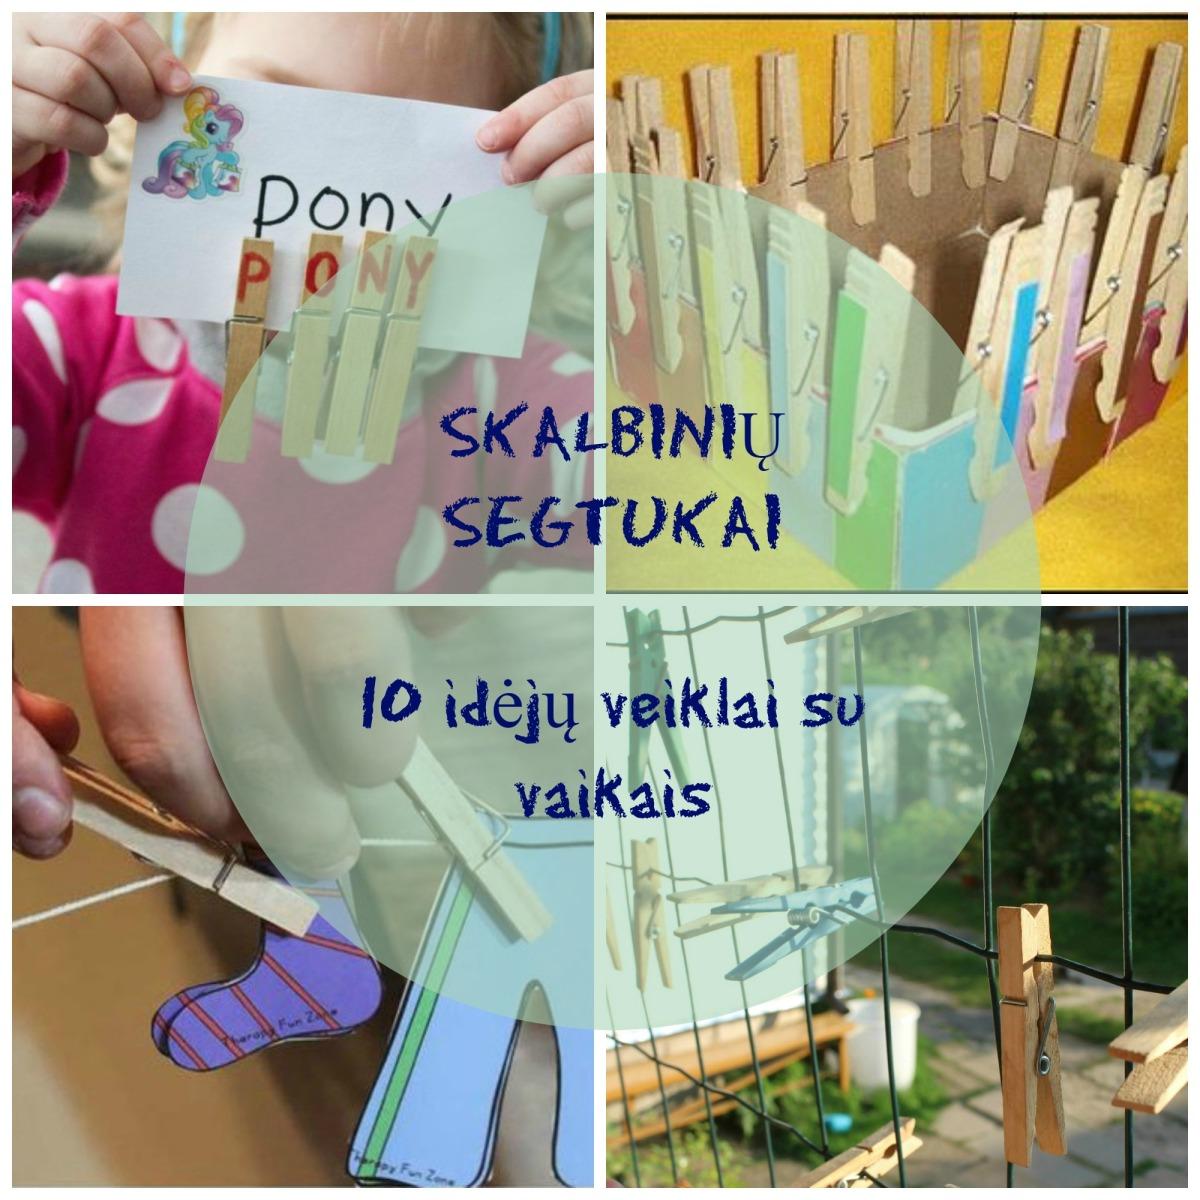 Skalbinių segtukai: 10 idėjų veiklai su vaikais